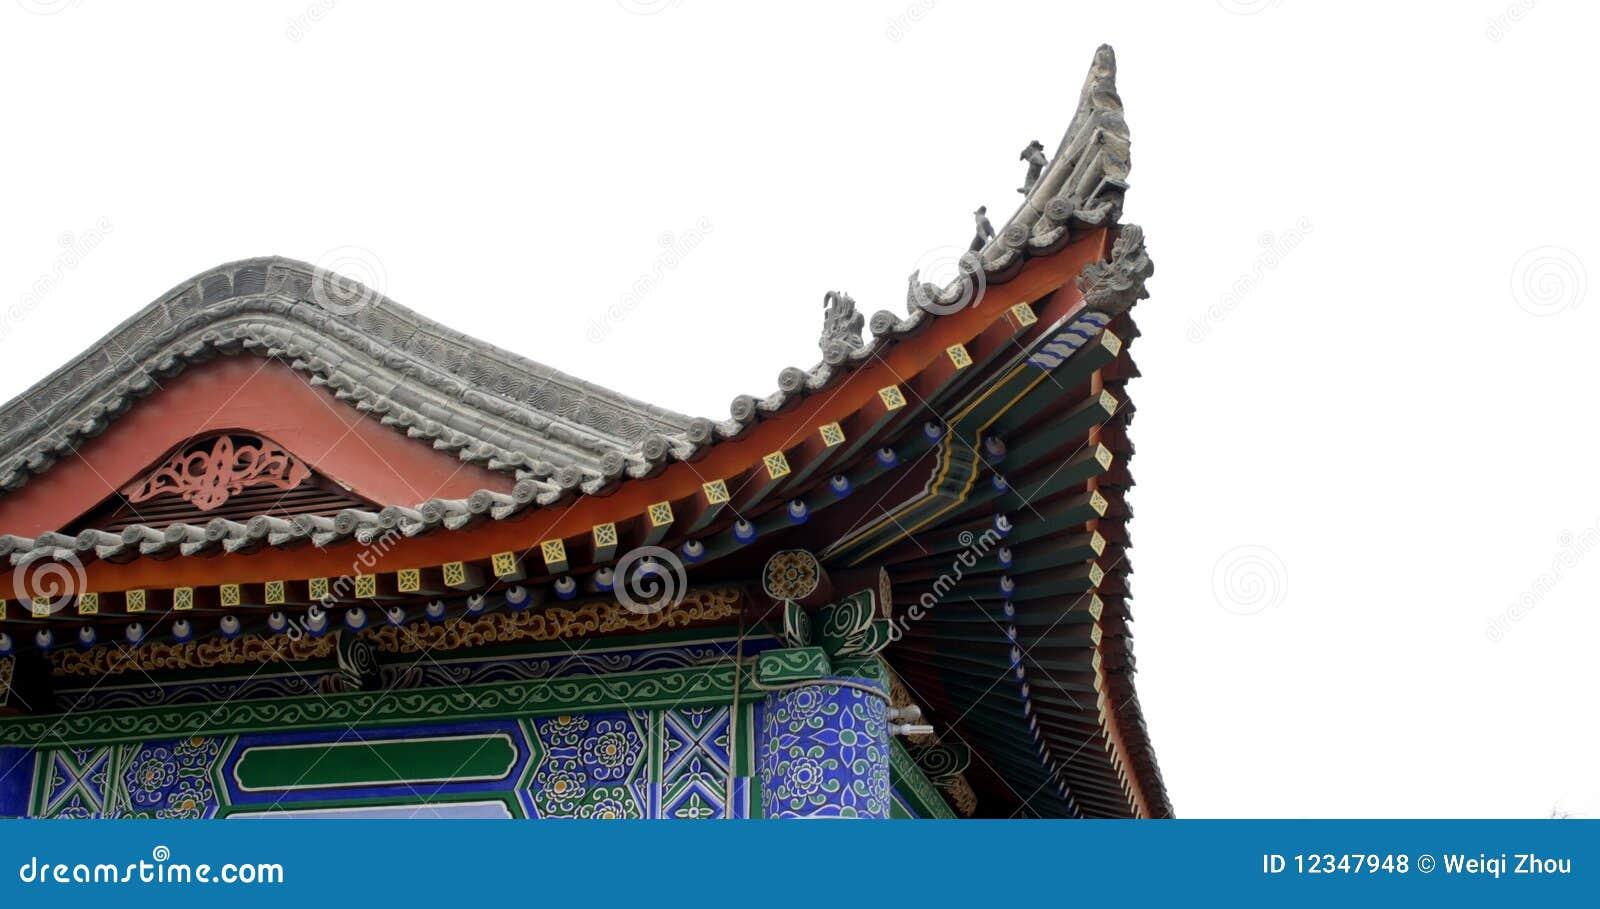 Classical Chinese Medicine   ClassicalChineseMedicine.org